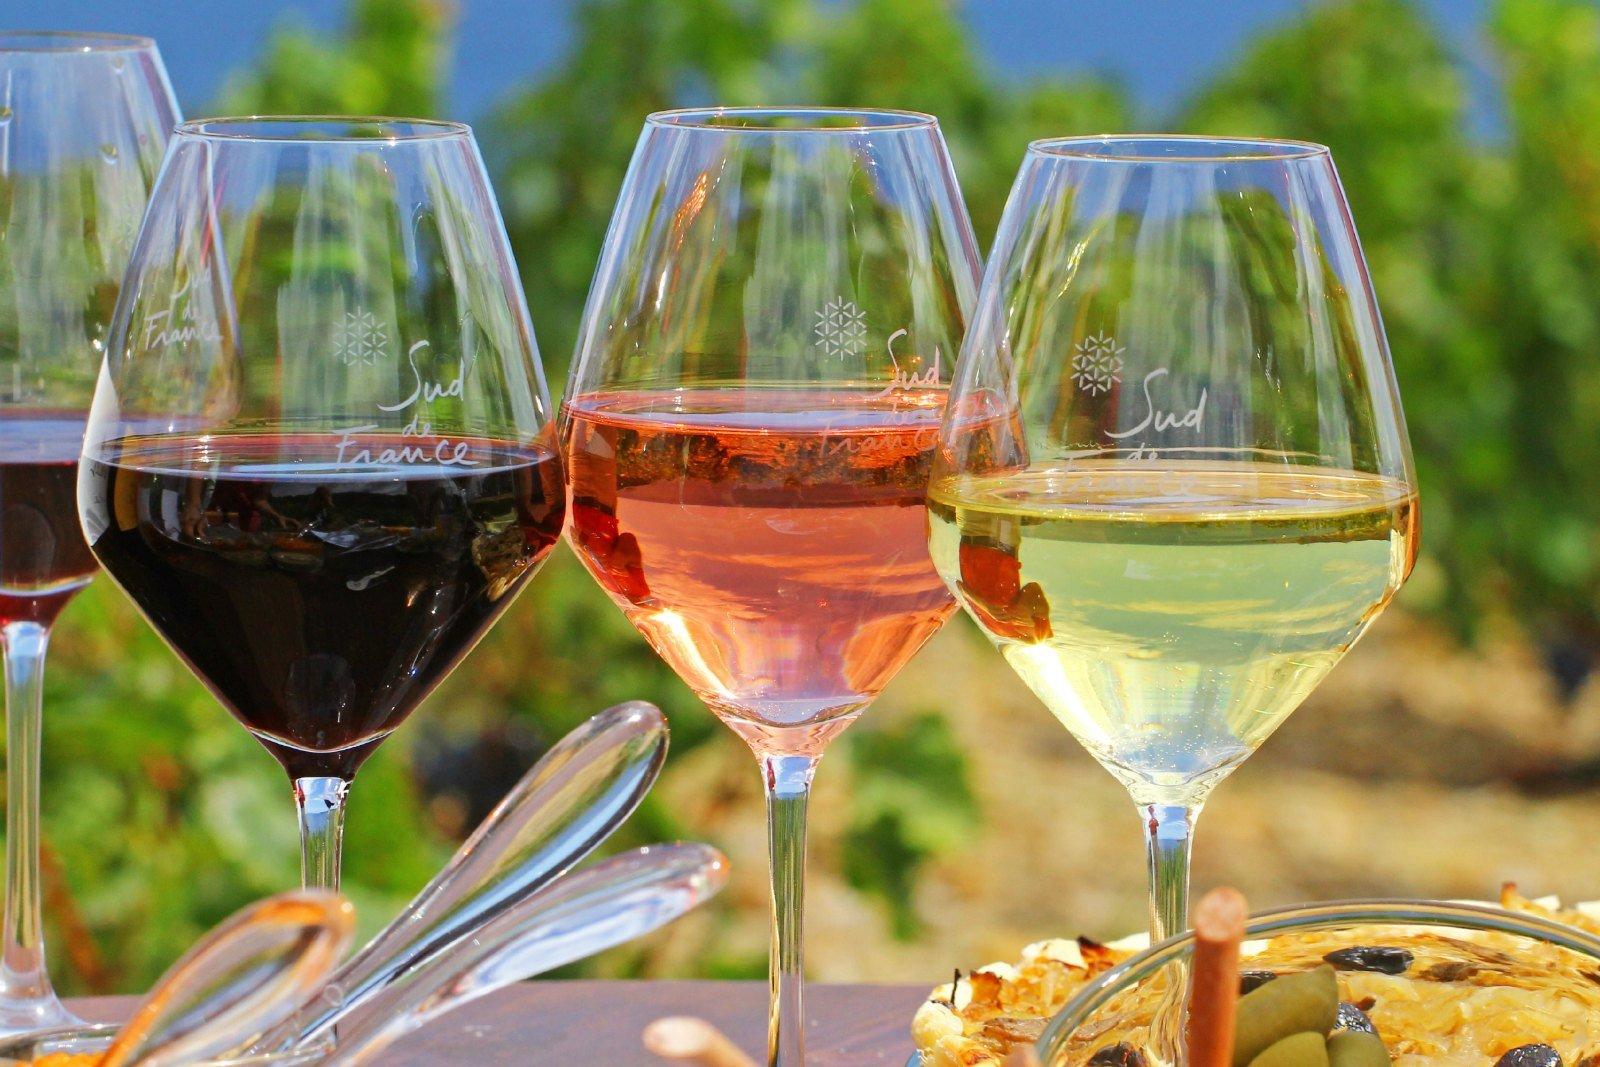 Терруары Лангедока (посещение 3 винных хозяйств)